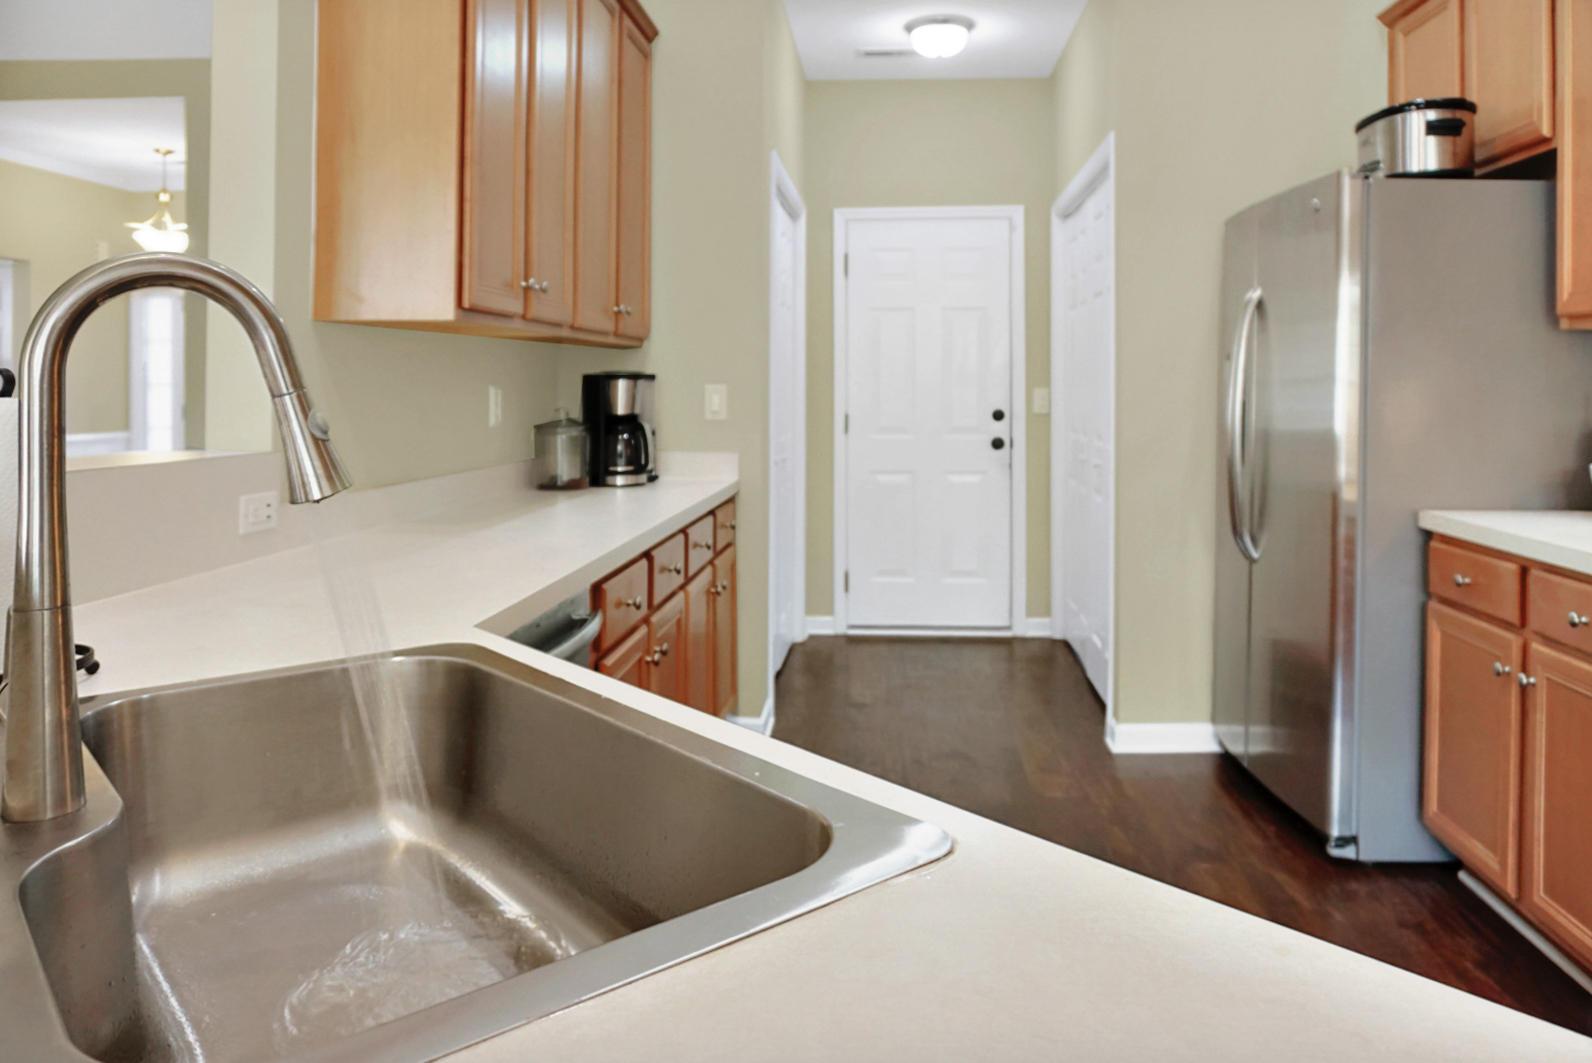 Park West Homes For Sale - 1504 Huxley, Mount Pleasant, SC - 16